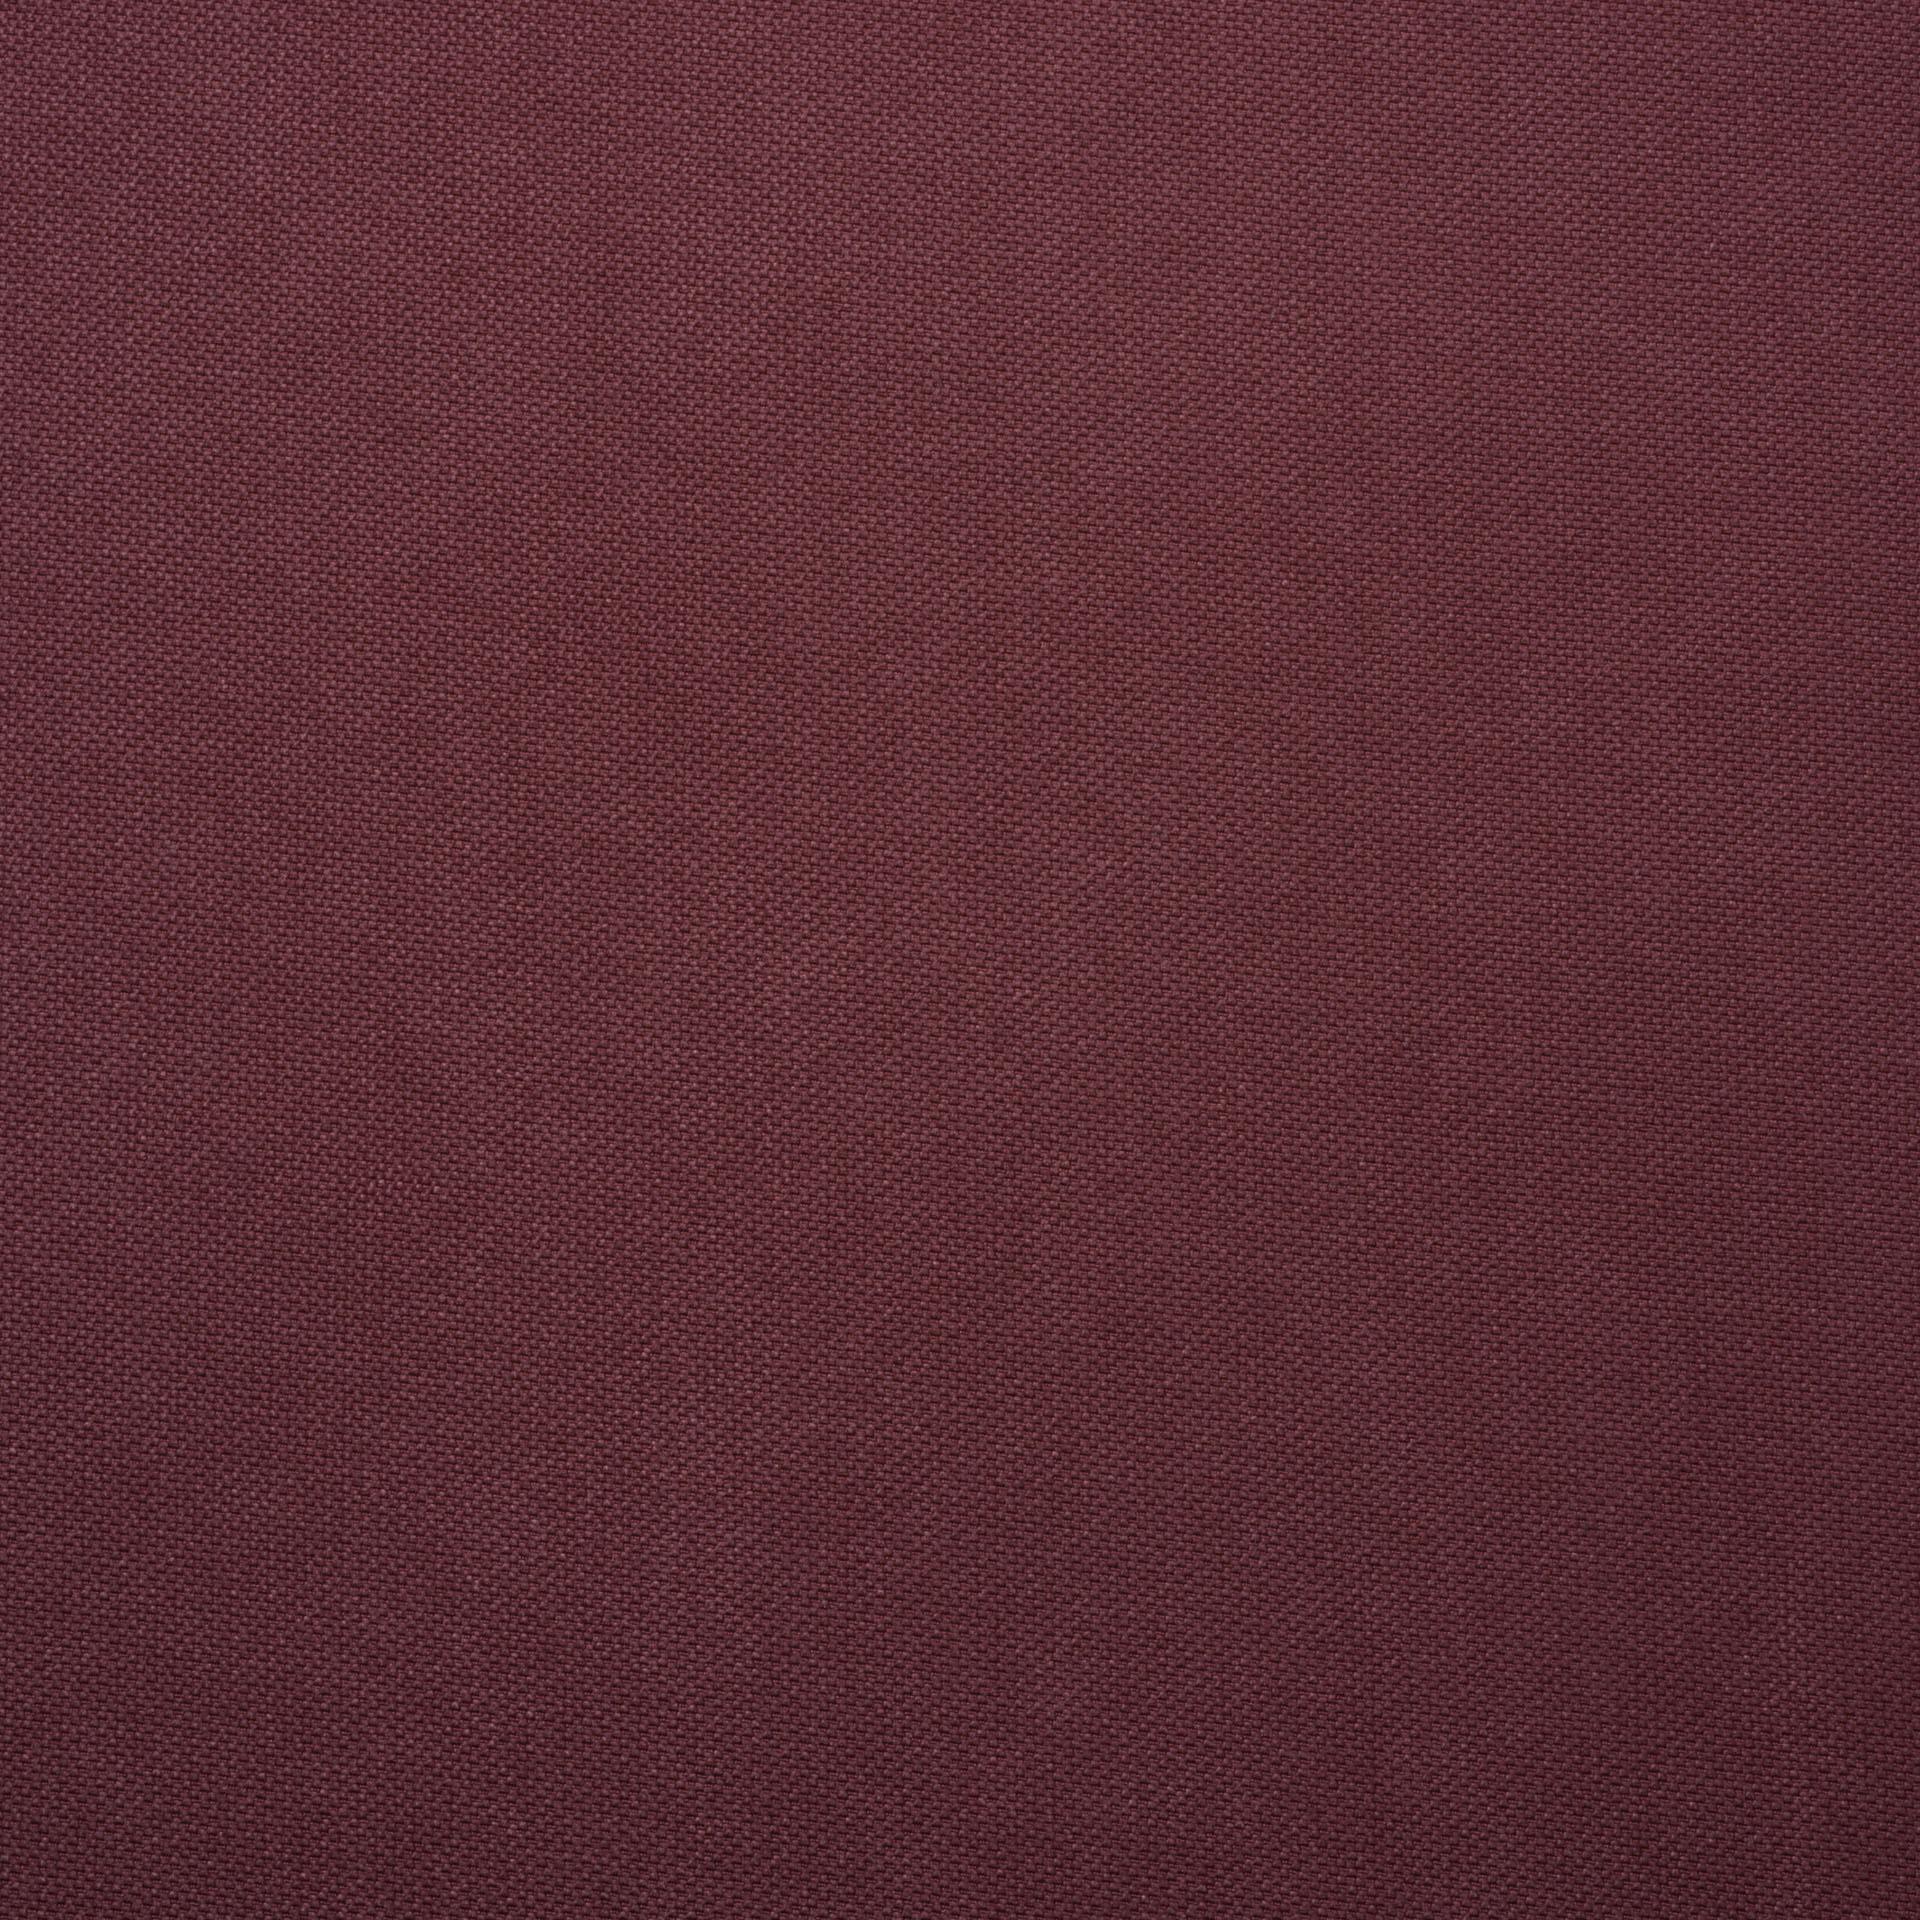 Коллекция ткани Стэнли 11 BLOSSOM PINK,  купить ткань Жаккард для мебели Украина